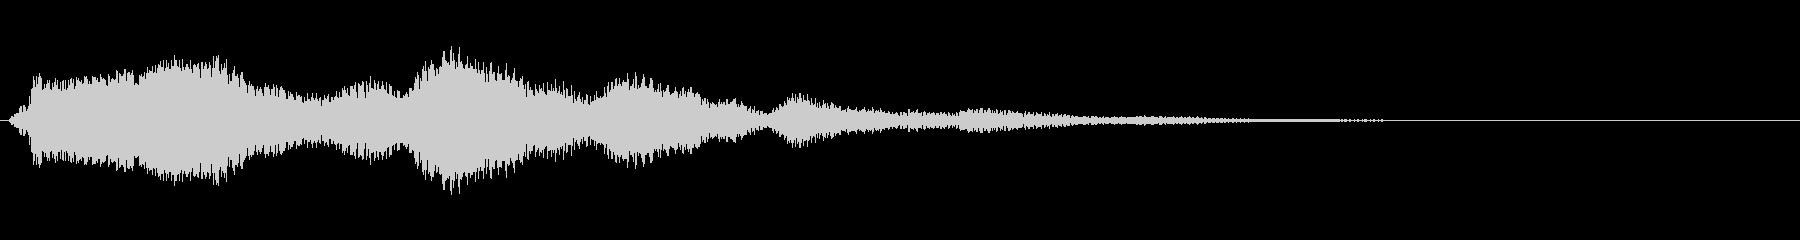 どーん:不気味なベルの音の未再生の波形